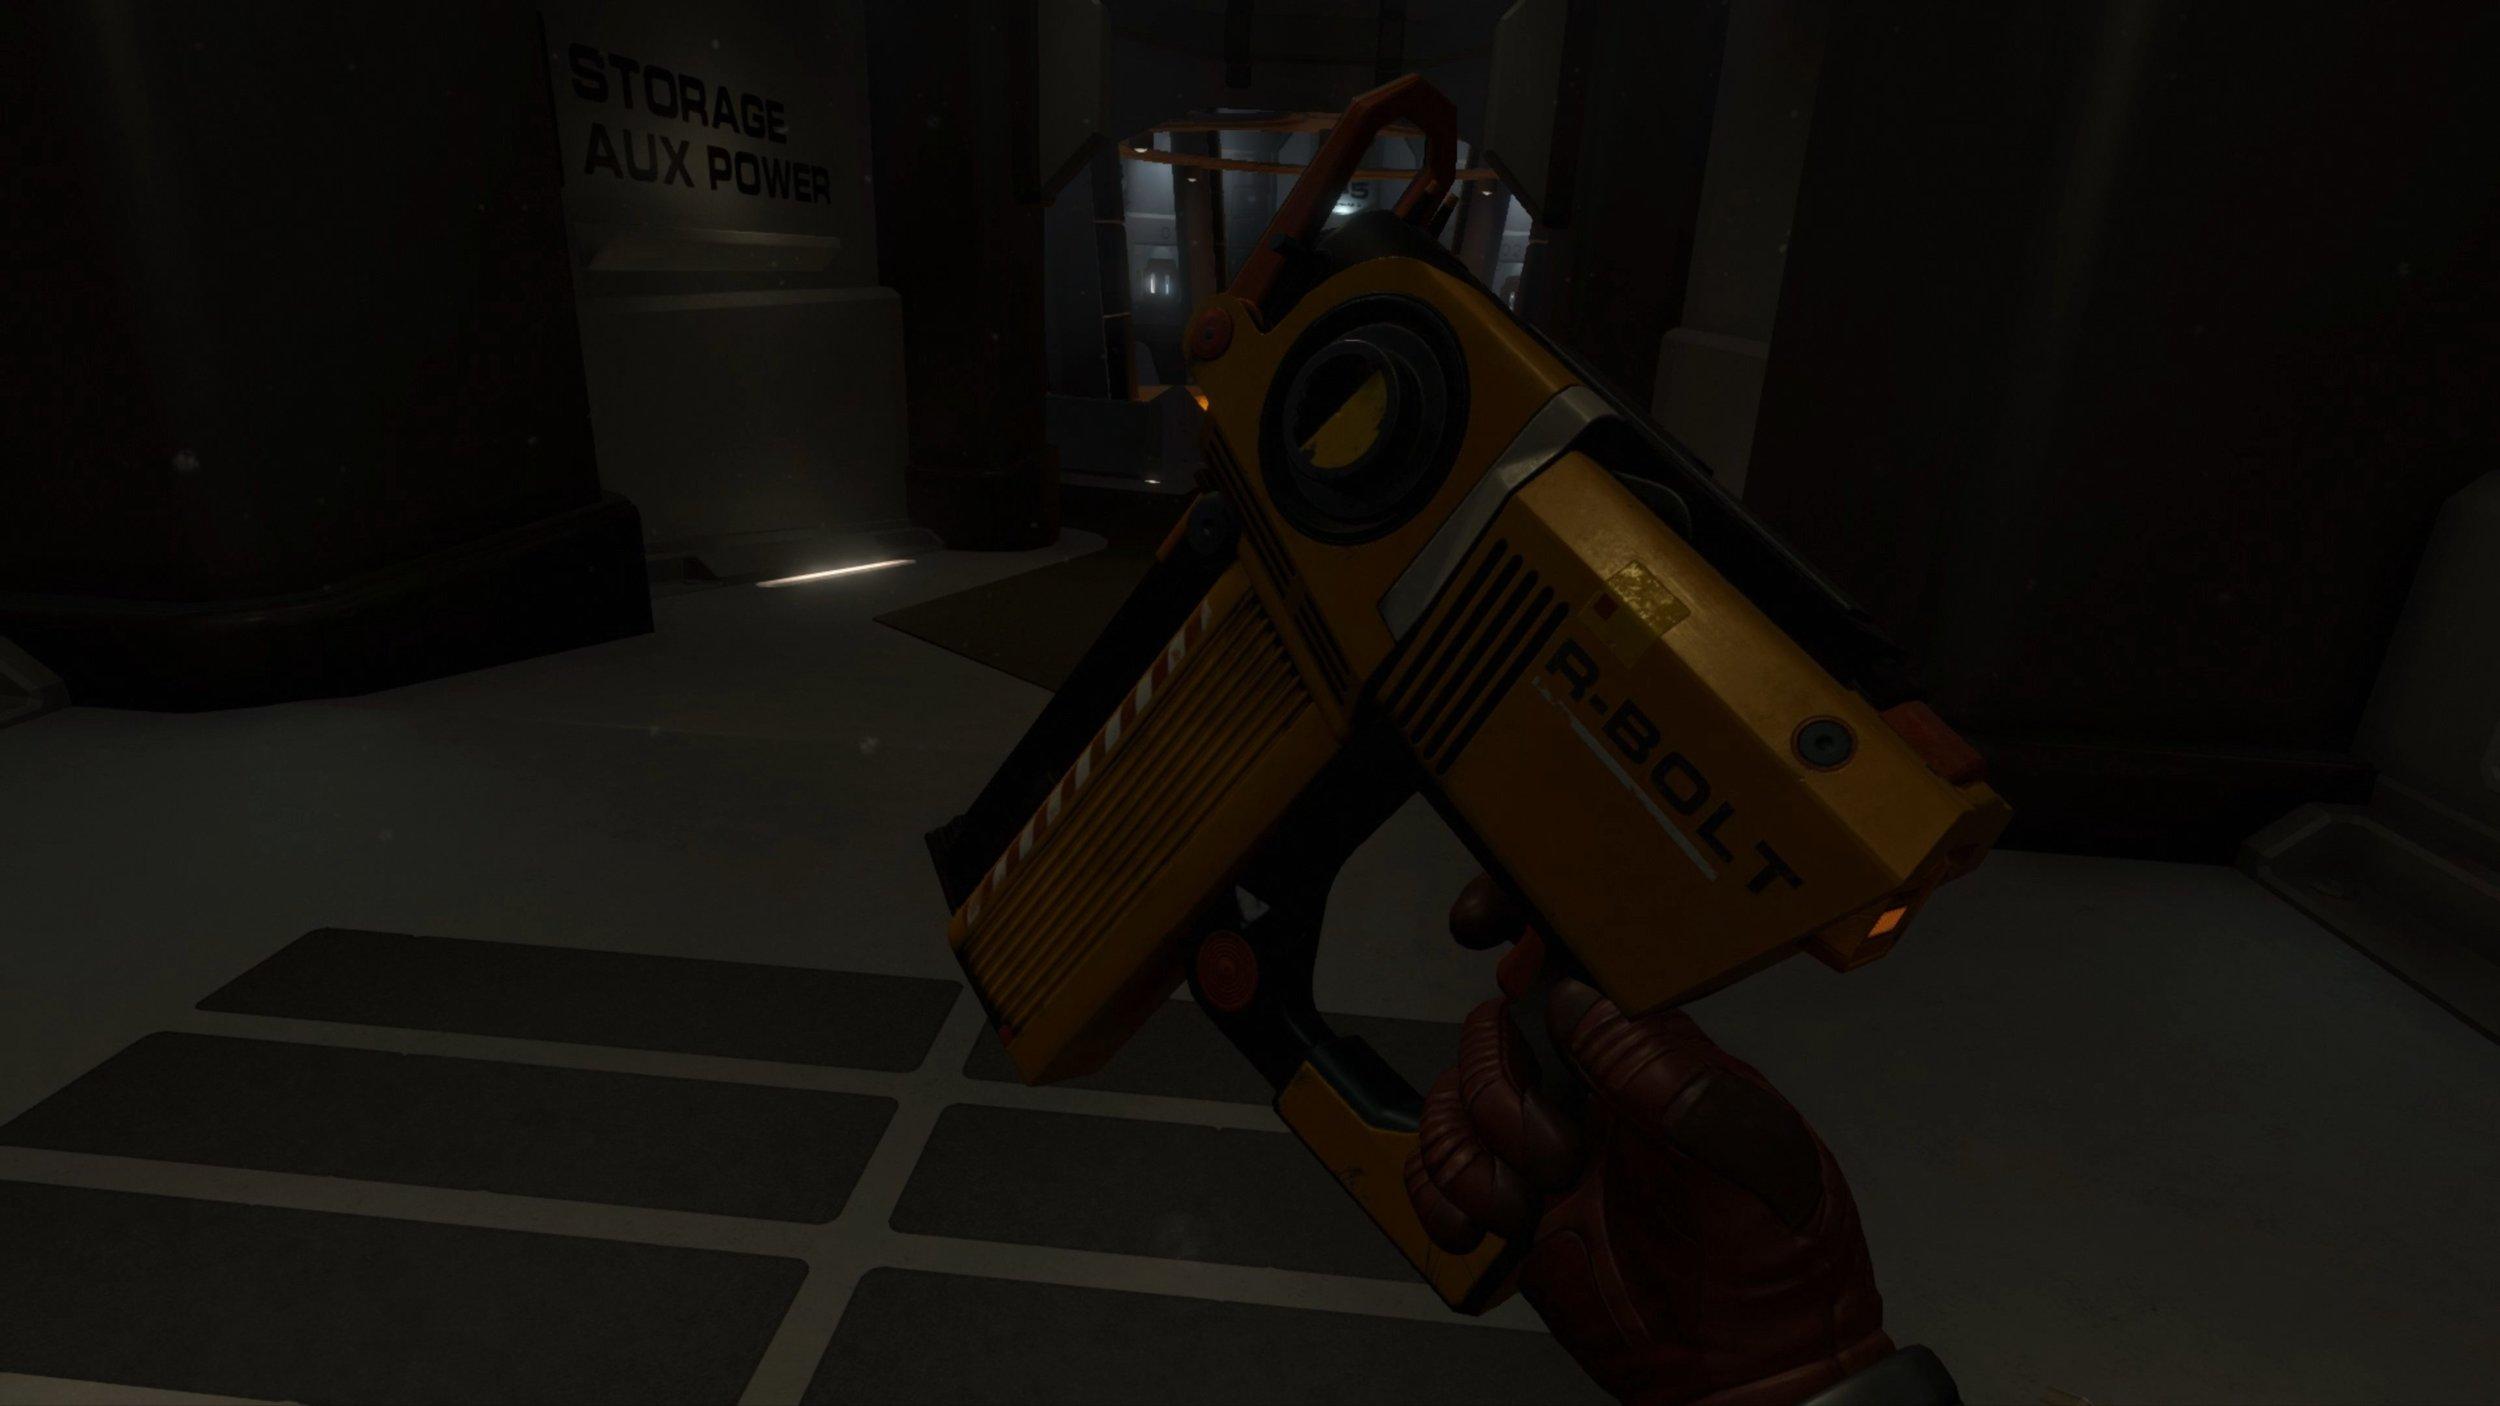 La seconda pistola del gioco. Rateo di fuoco di una gatling gun e stessa precisione di una fonda fatta col bastoncino del Doctor Strabik.